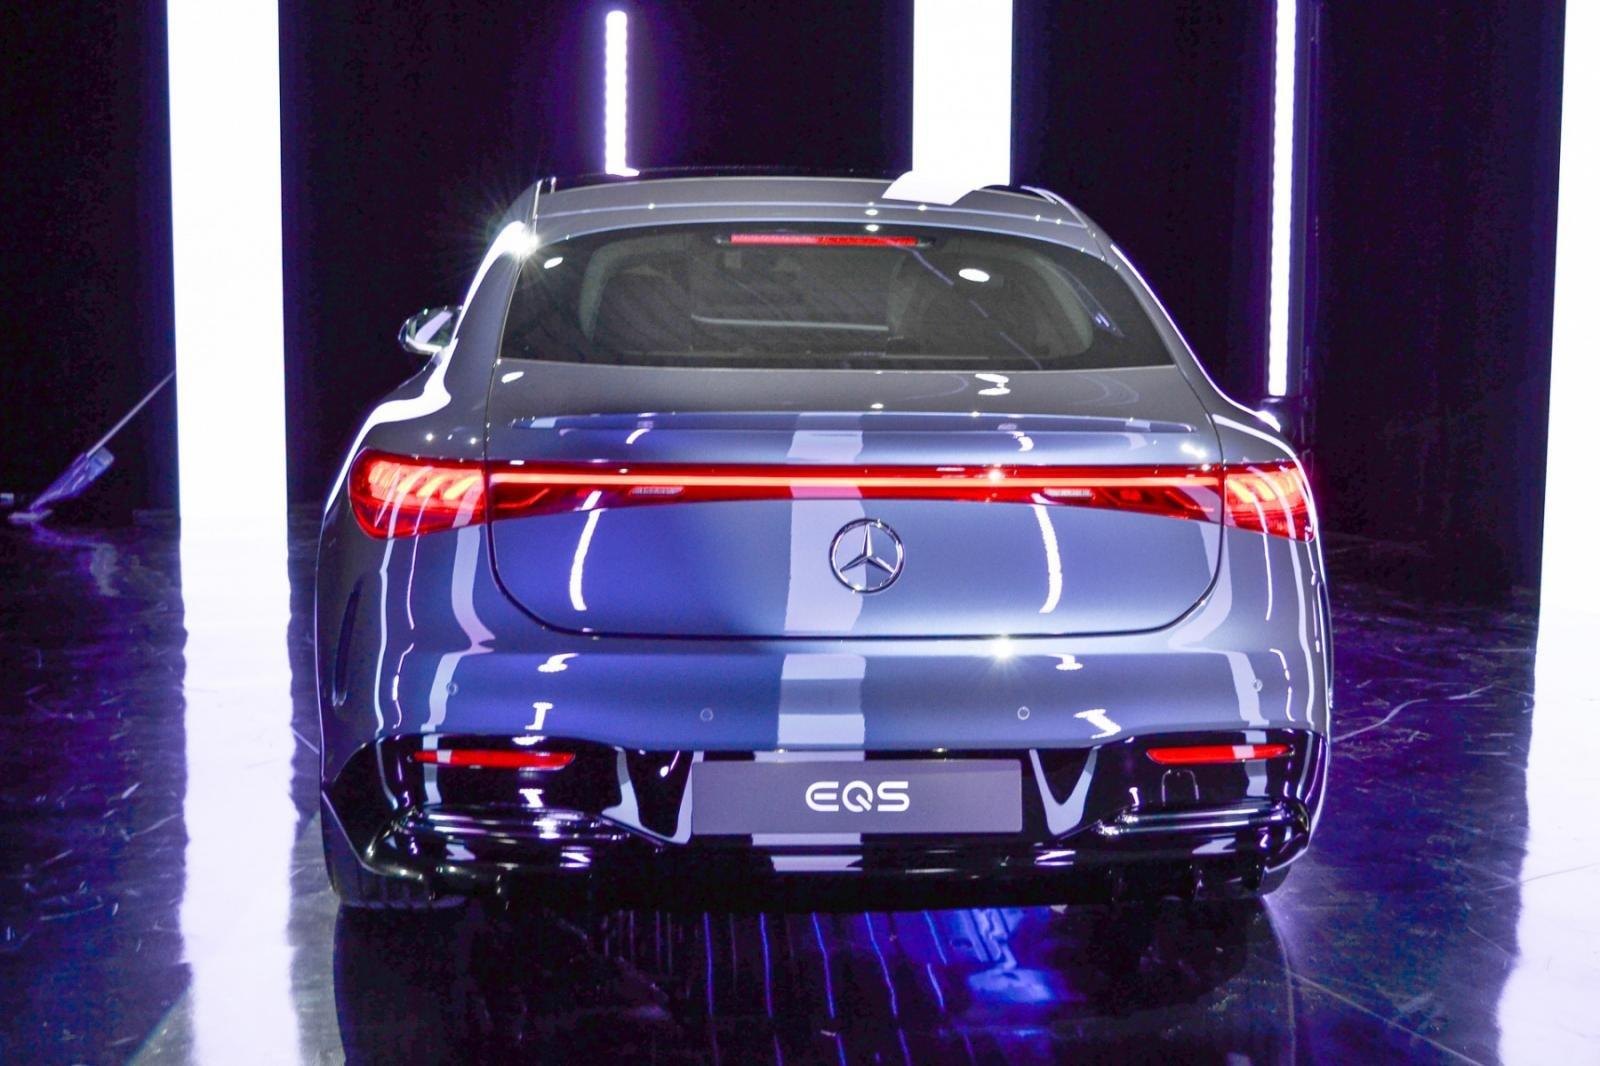 Mercedes-Benz EQS 2022 có tầm vận hành cao nhờ công nghệ pin điện hiện đại.